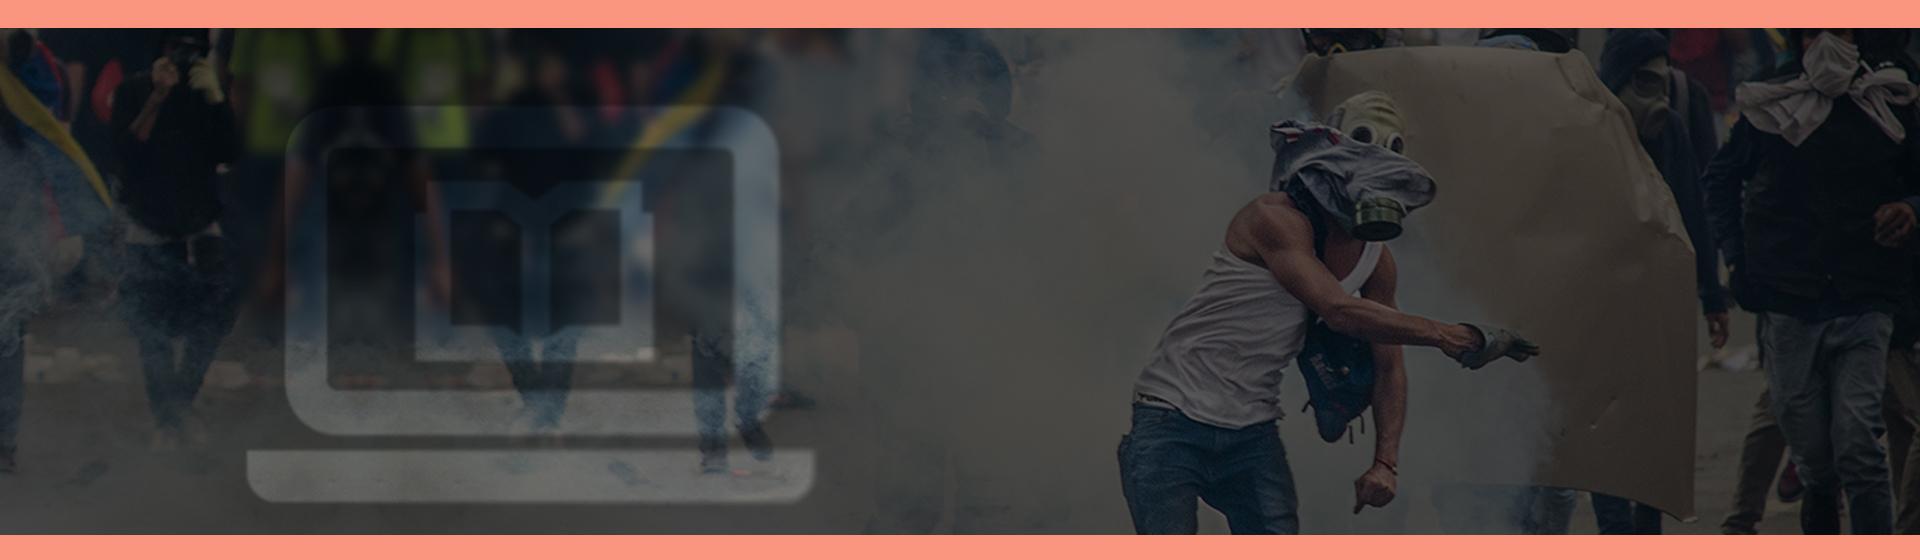 4.os dez mandamentos da sociedade moderna rawlingson rangel top